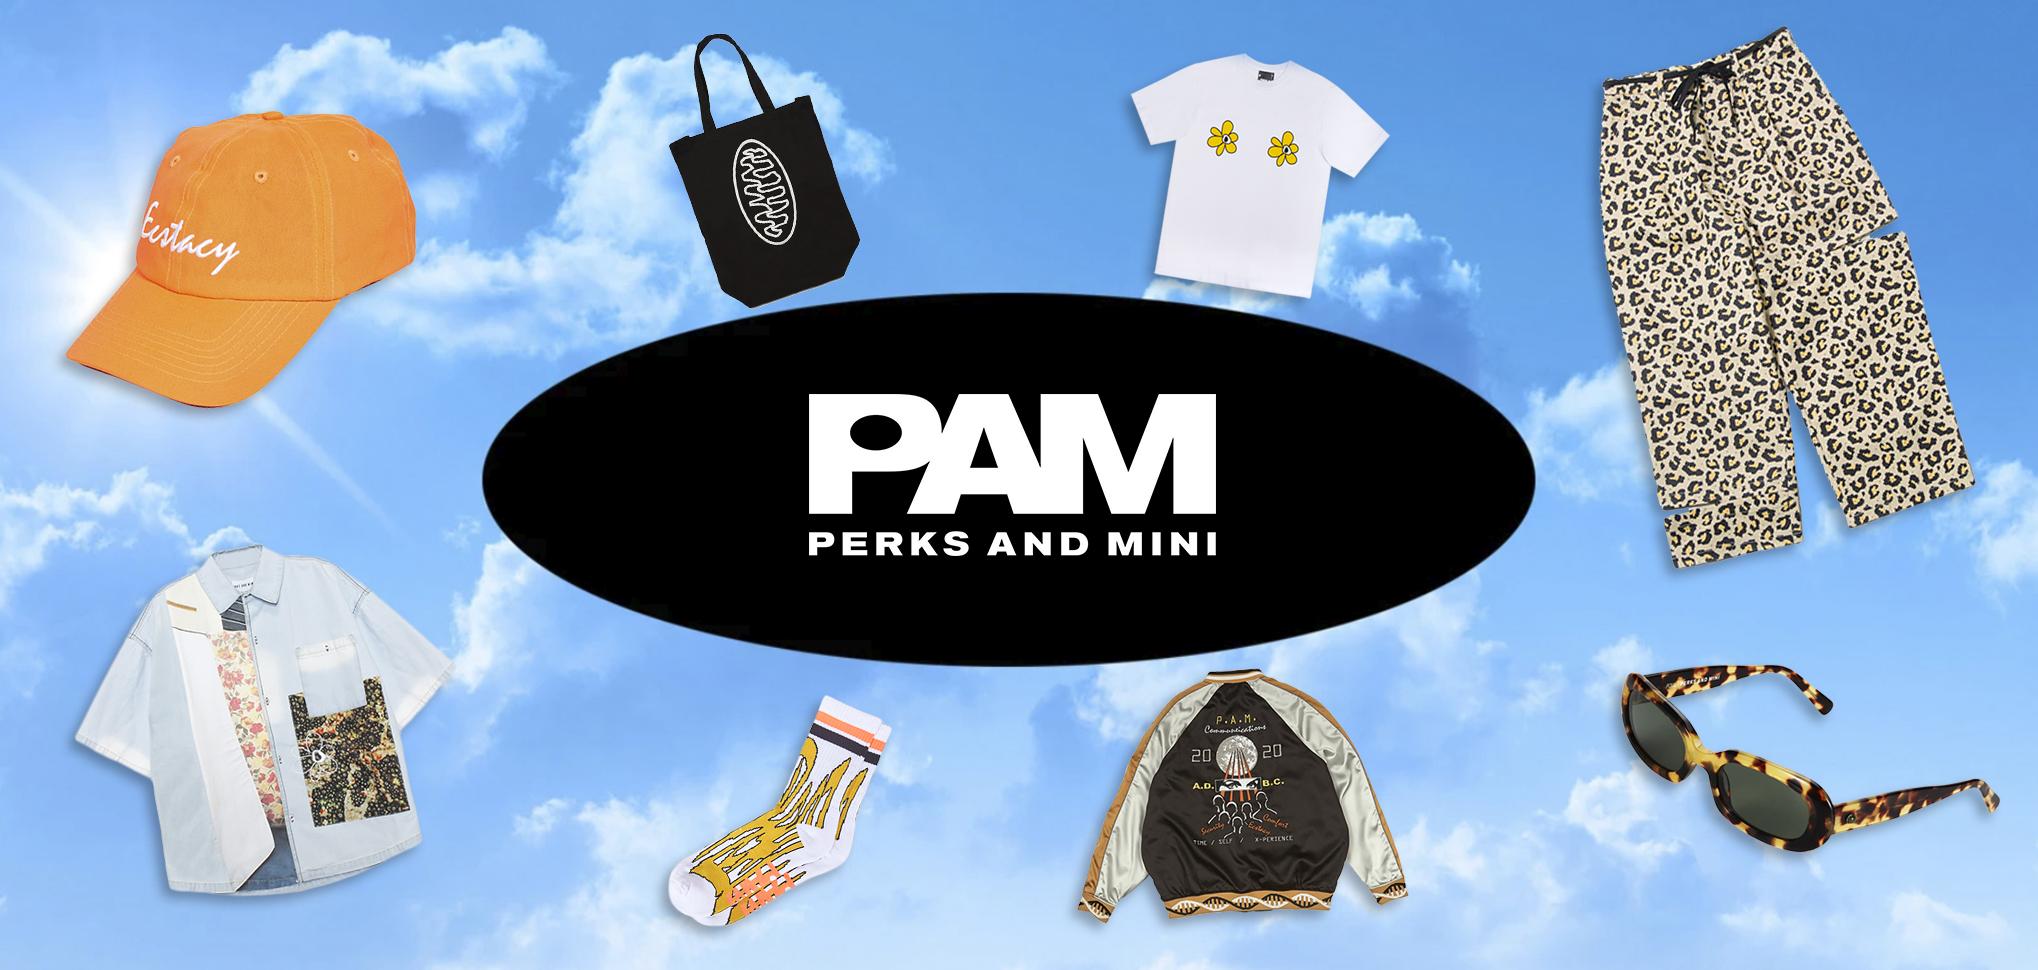 PAM_TOP